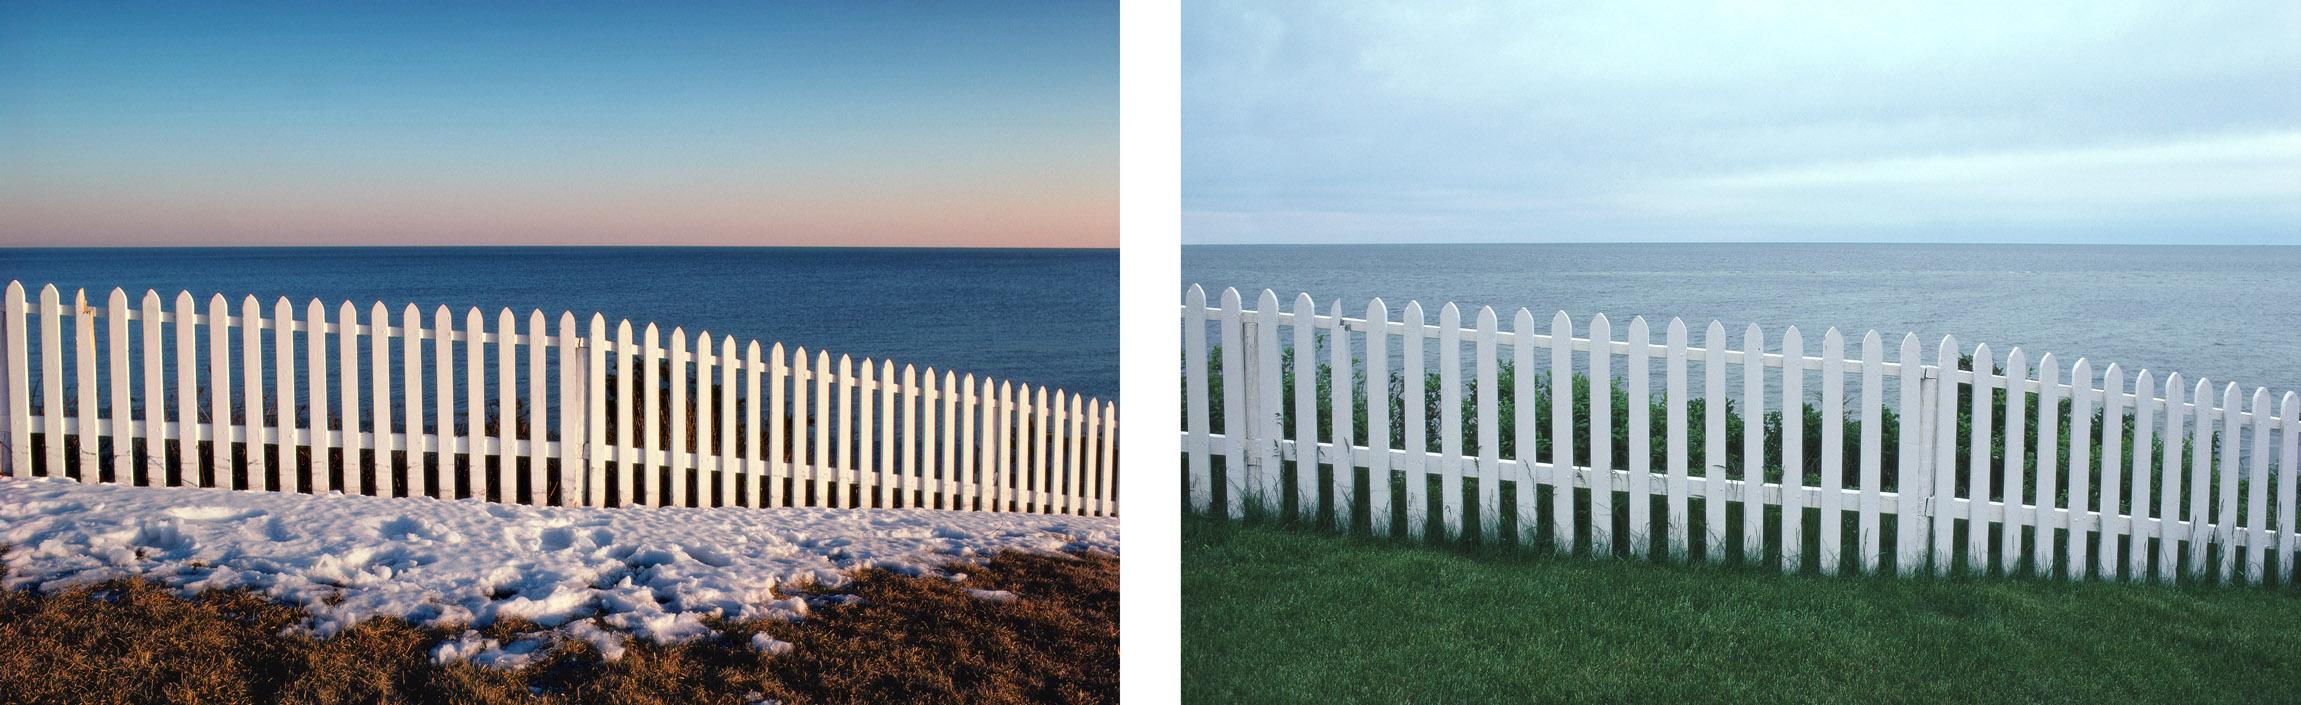 Cape Cod Fences